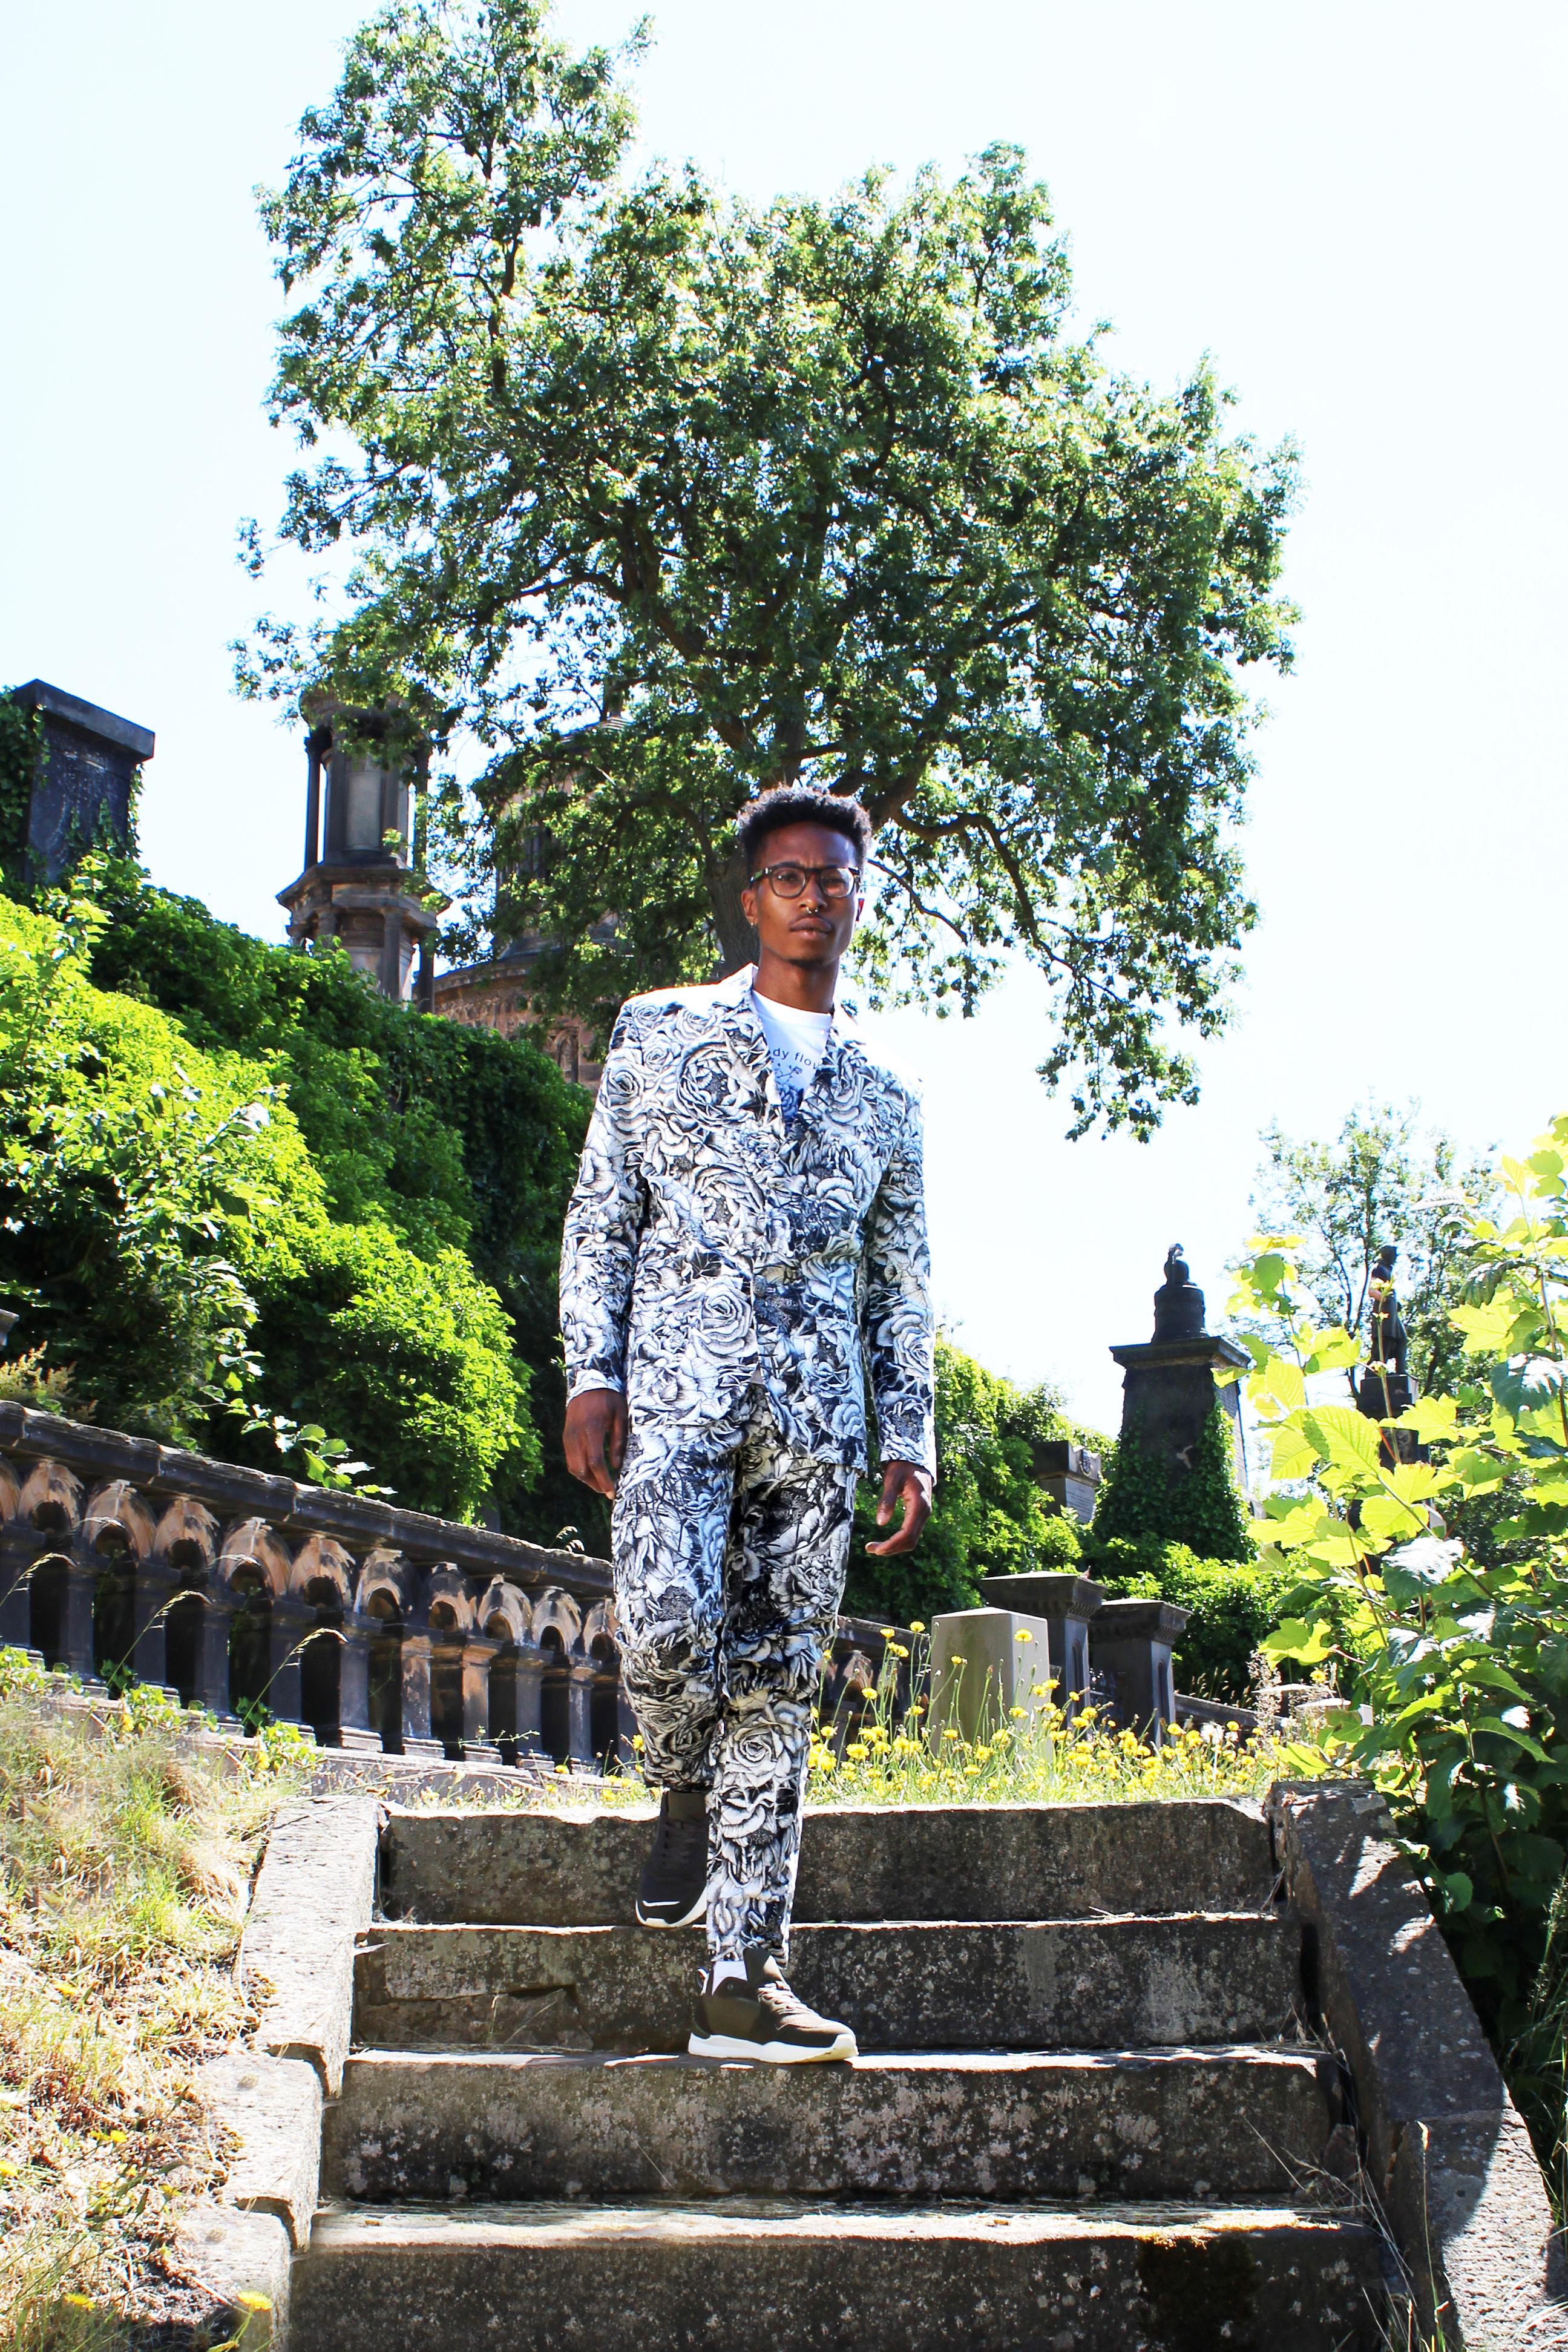 Menswear SS19 Monochrome suit